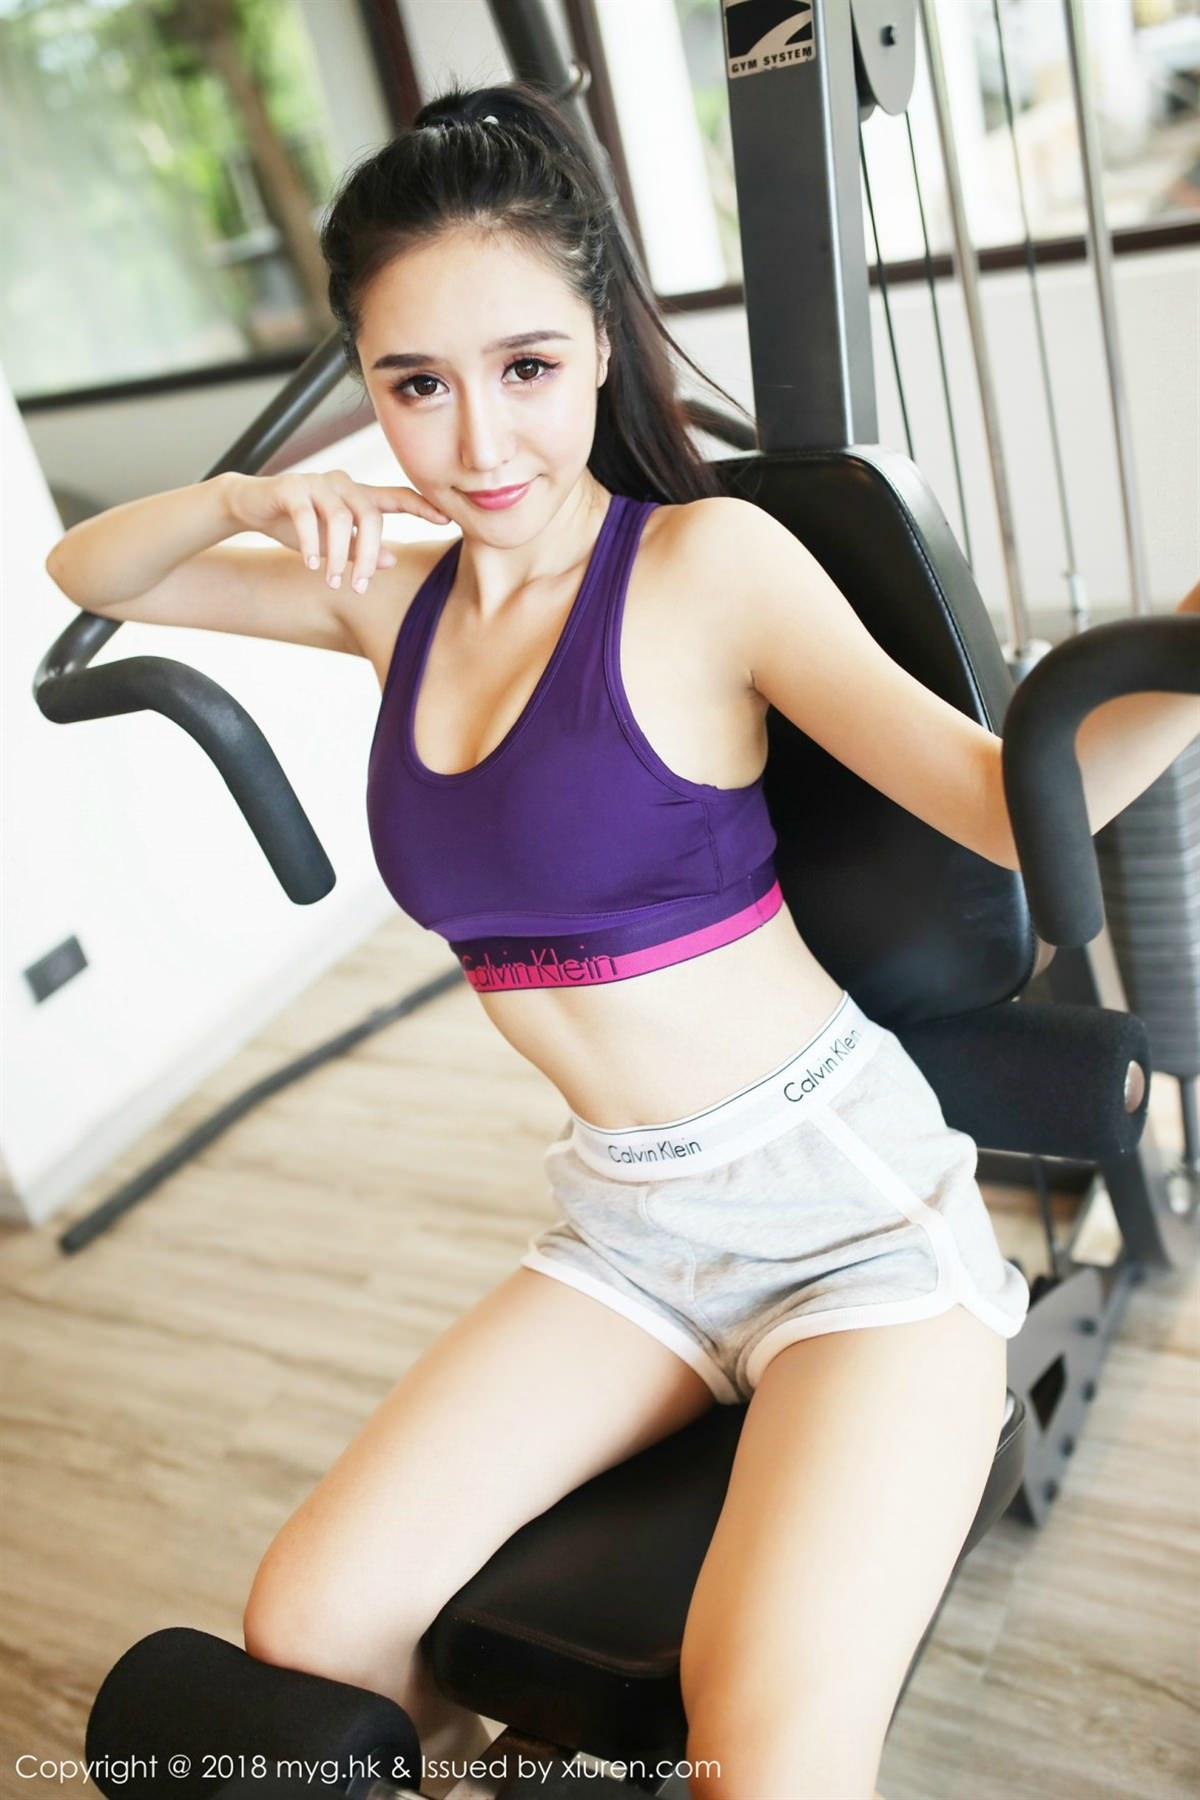 MyGirl Vol.295 46P, mygirl, Xu Wen, Yu Da Xiao Jie